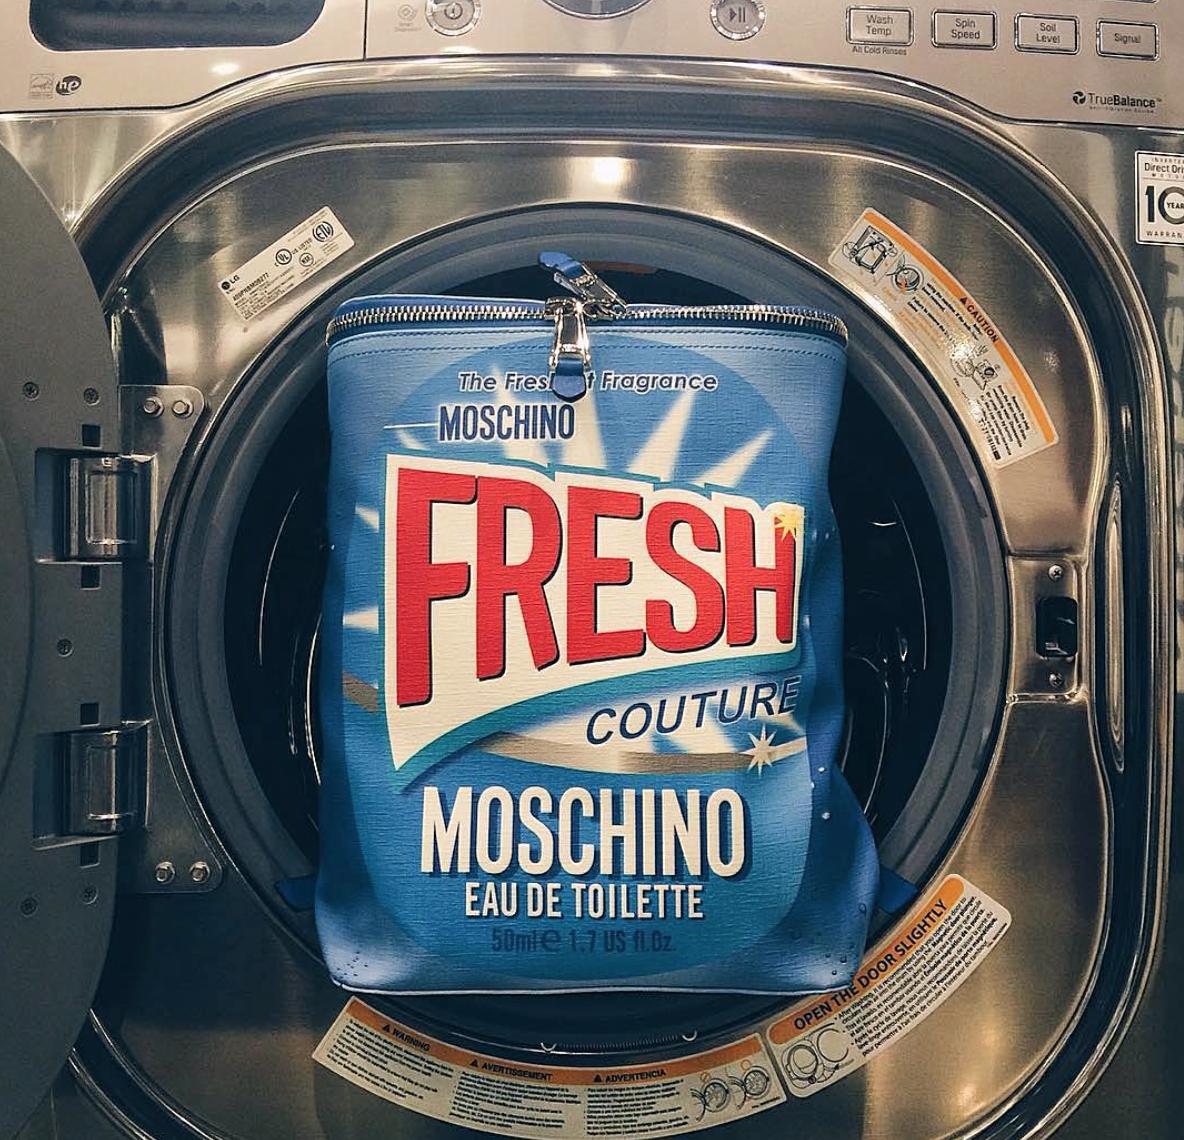 Novi svježi miris Moschina